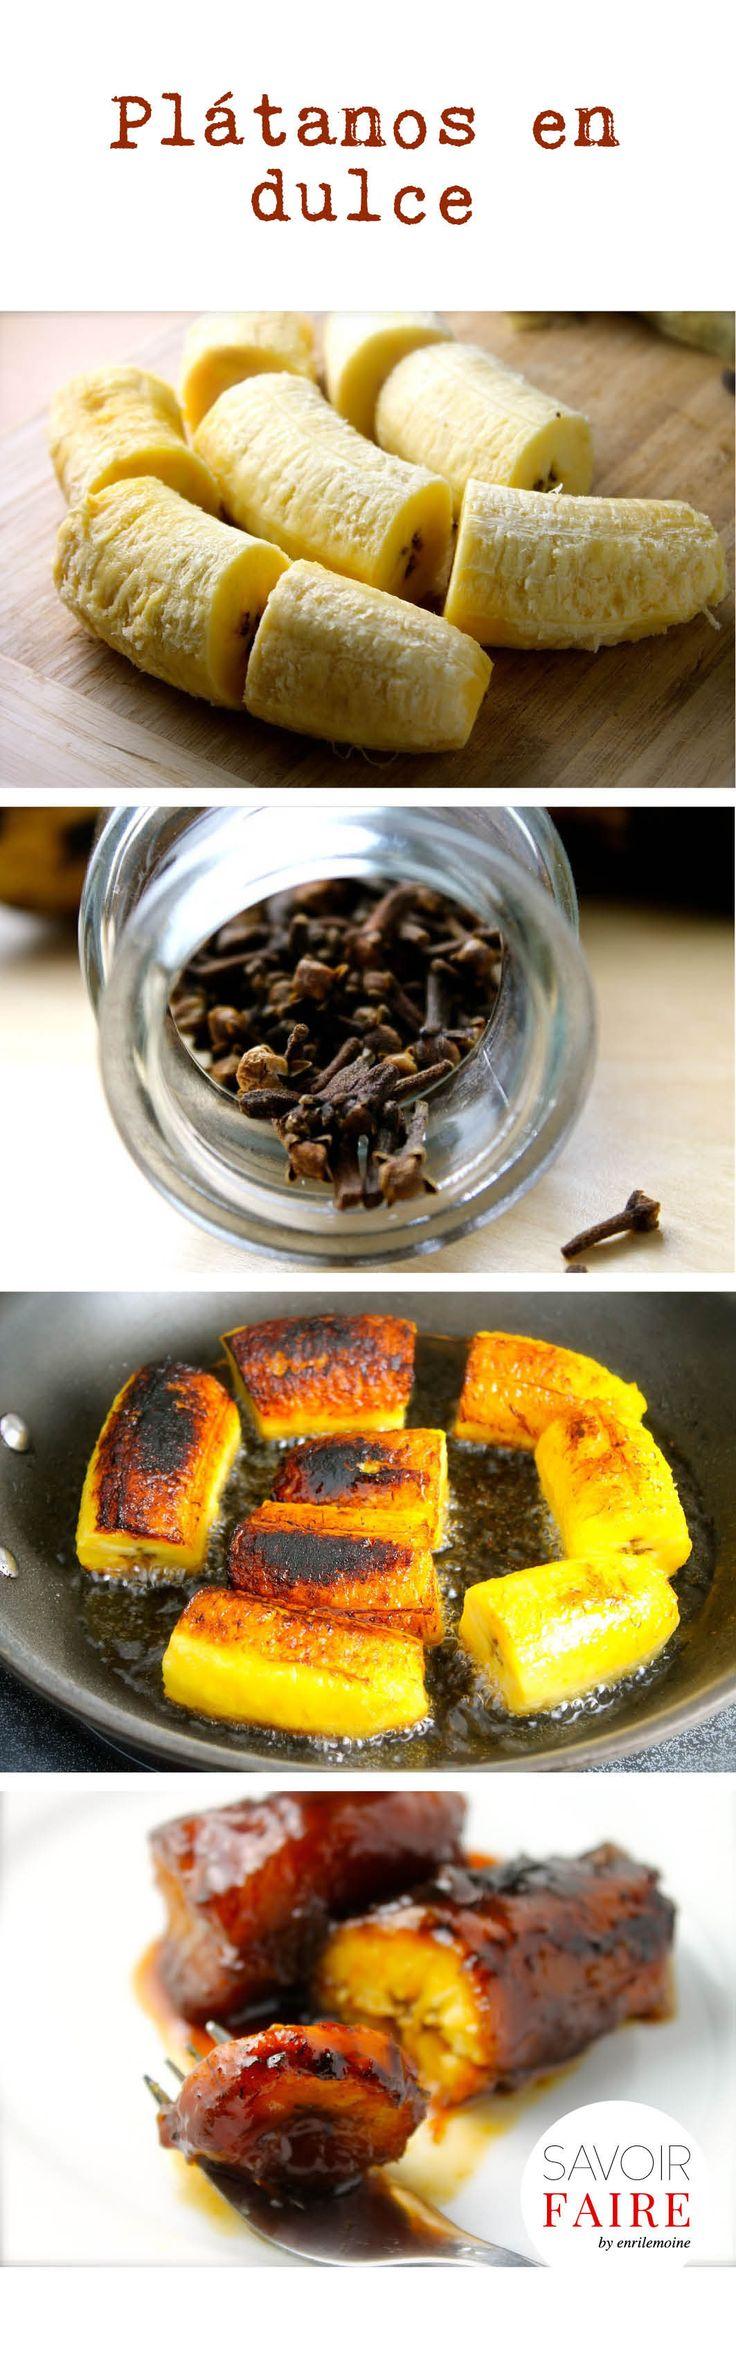 Los plátanos dulces con clavitos de olor también son una buena opción para esas…